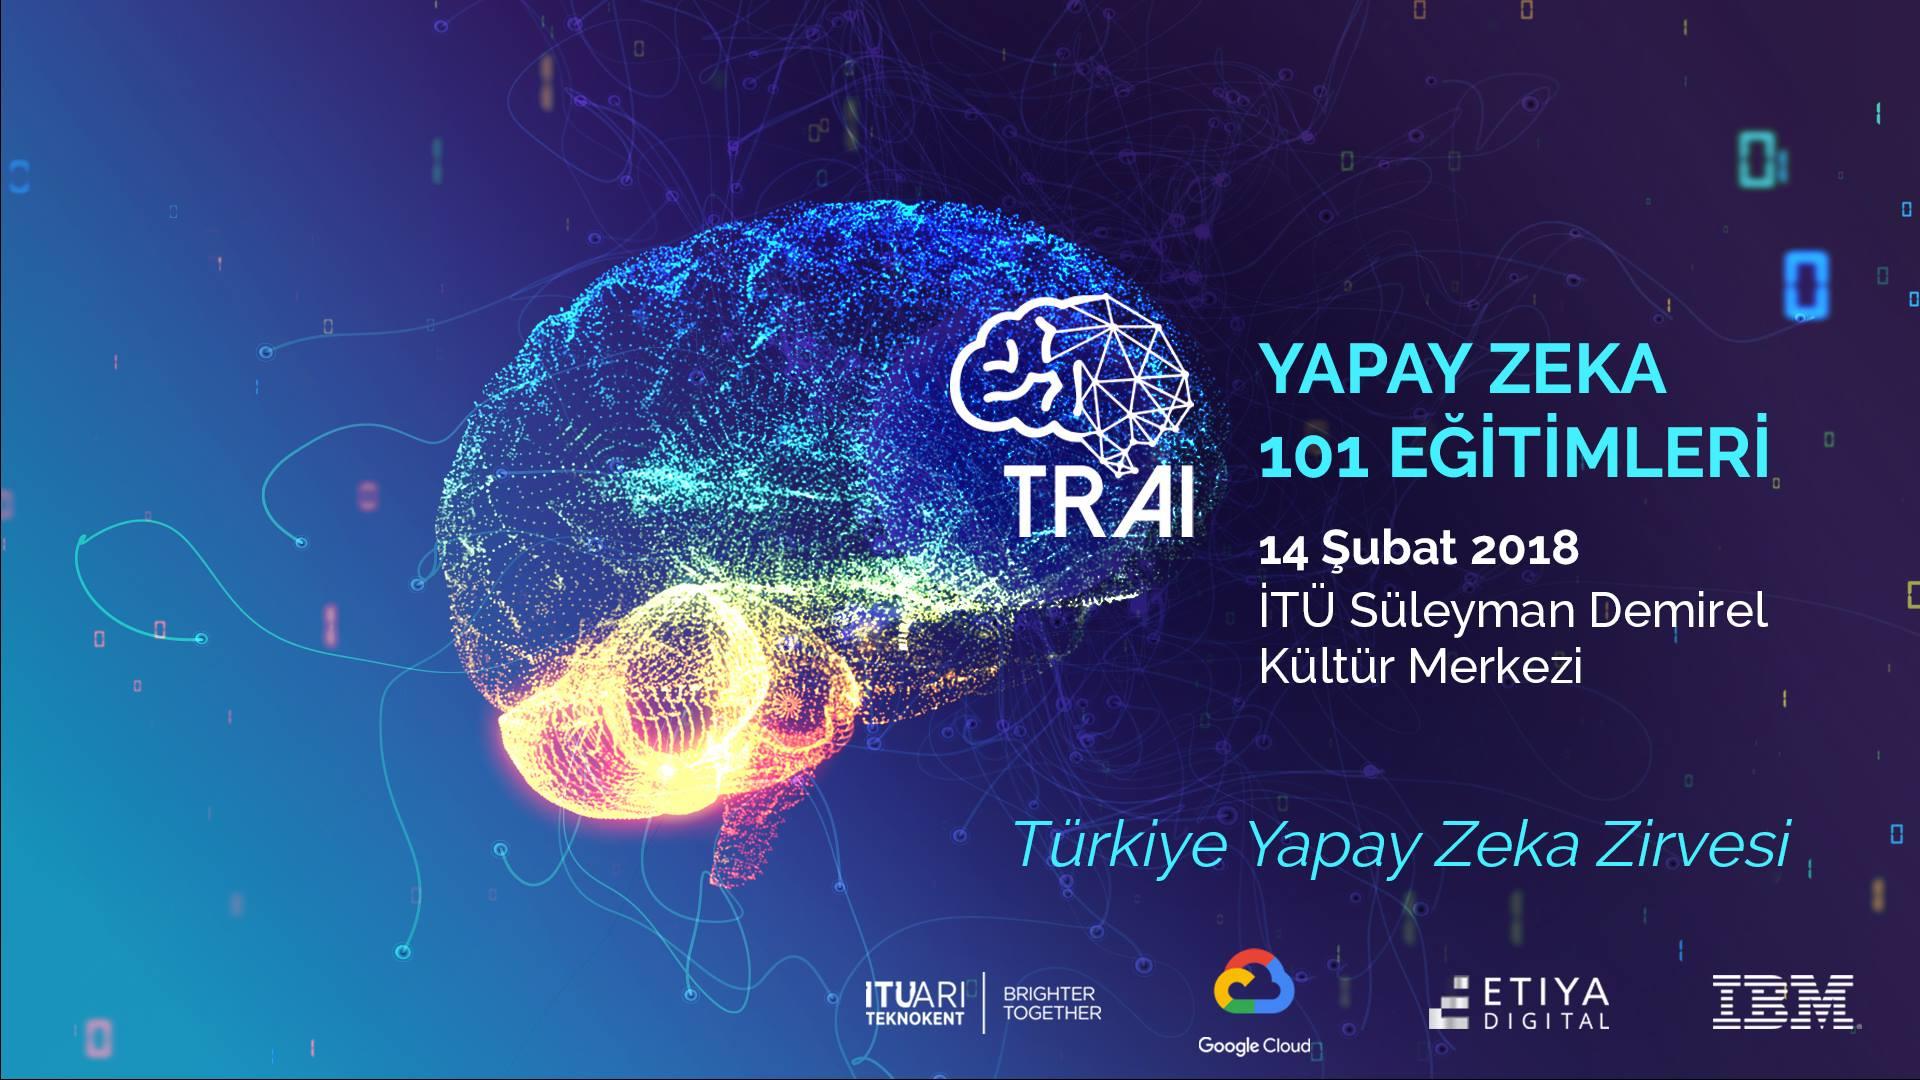 TRAI, AI Summit: AI and Ethics Workshop – 14.2.2018